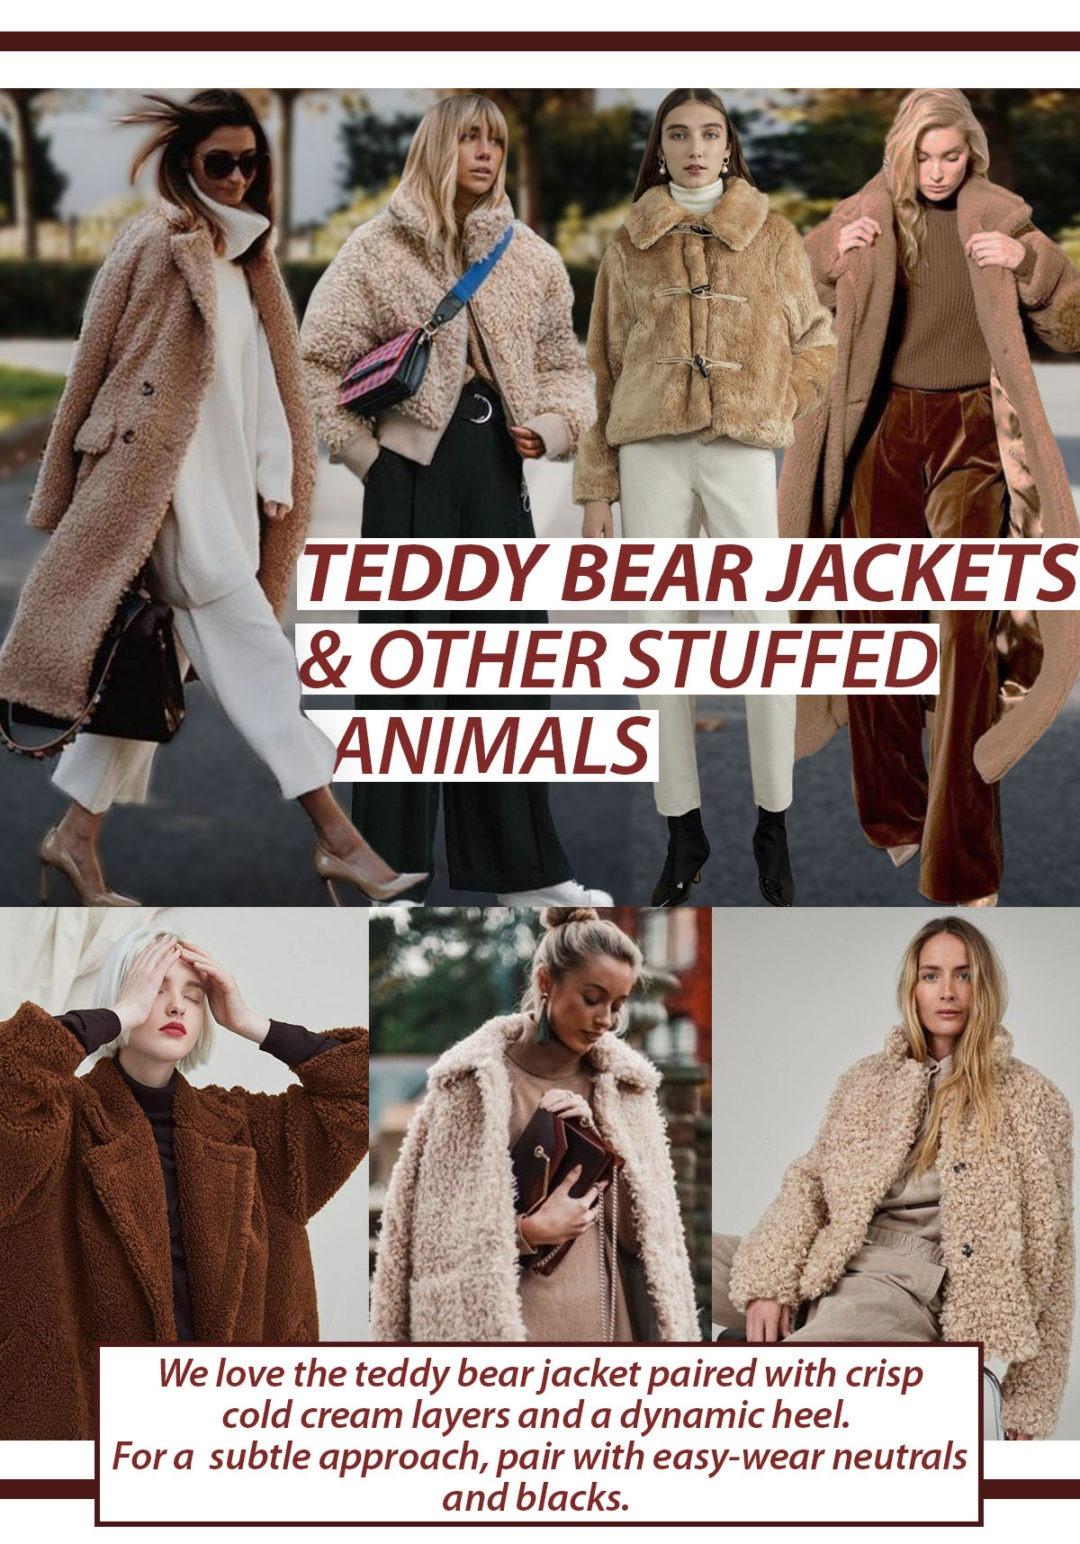 teddy bear jackets warm cozy statement bomber